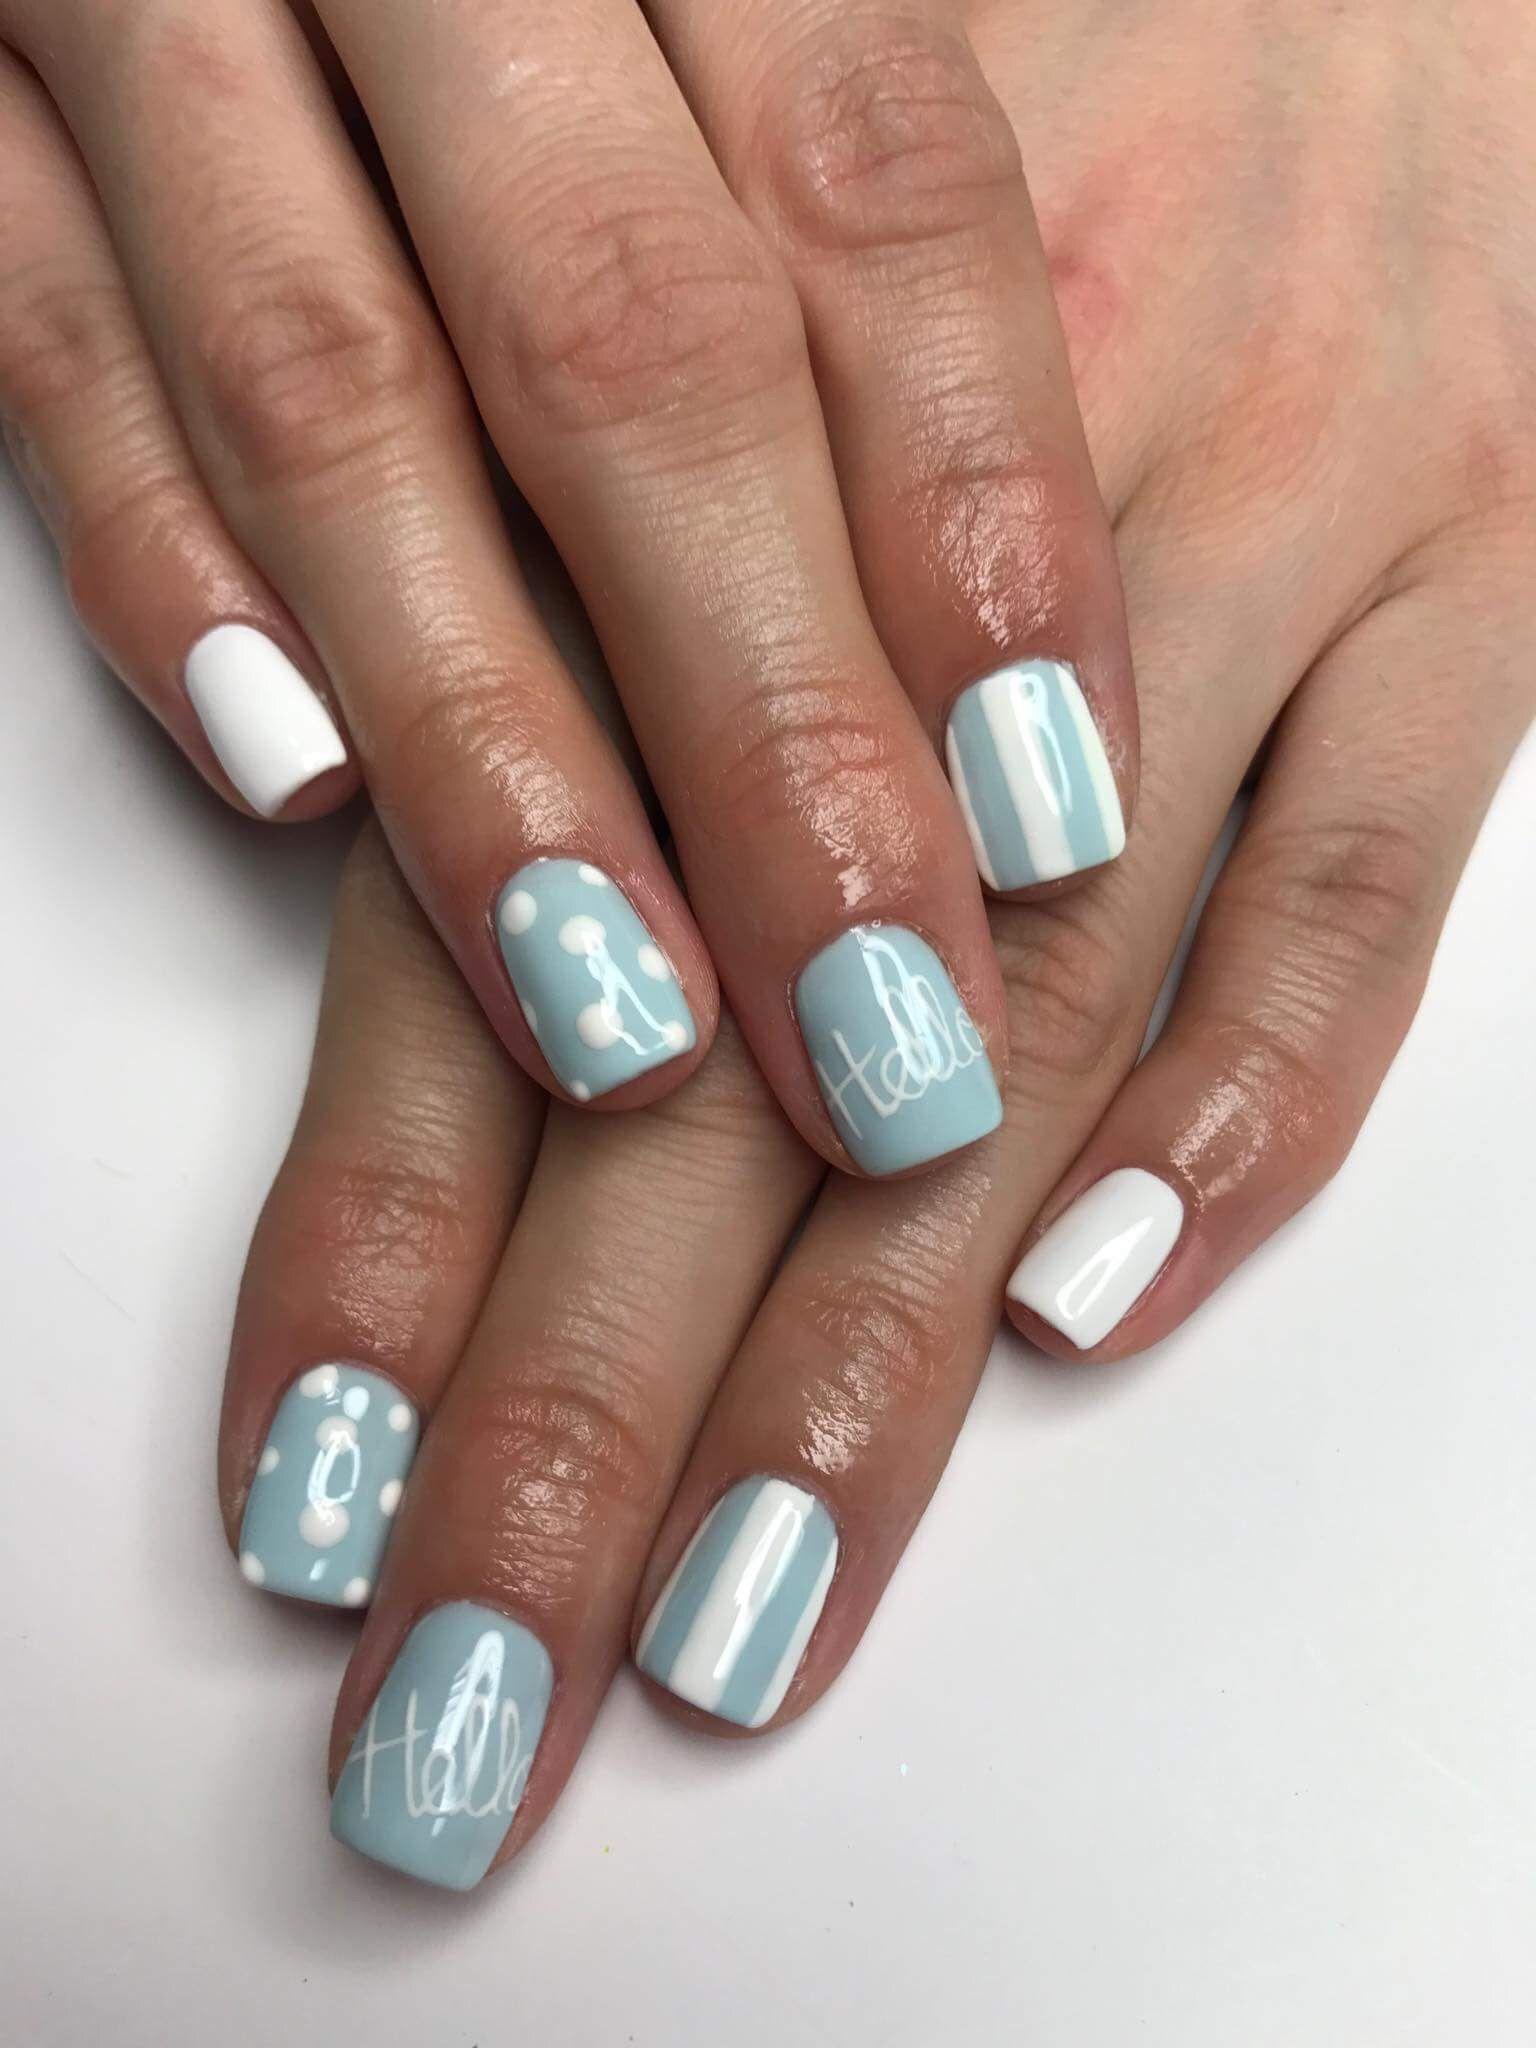 Manicure Hybrydowy Pomysly Na Paznokcie Bialo Niebieskie With